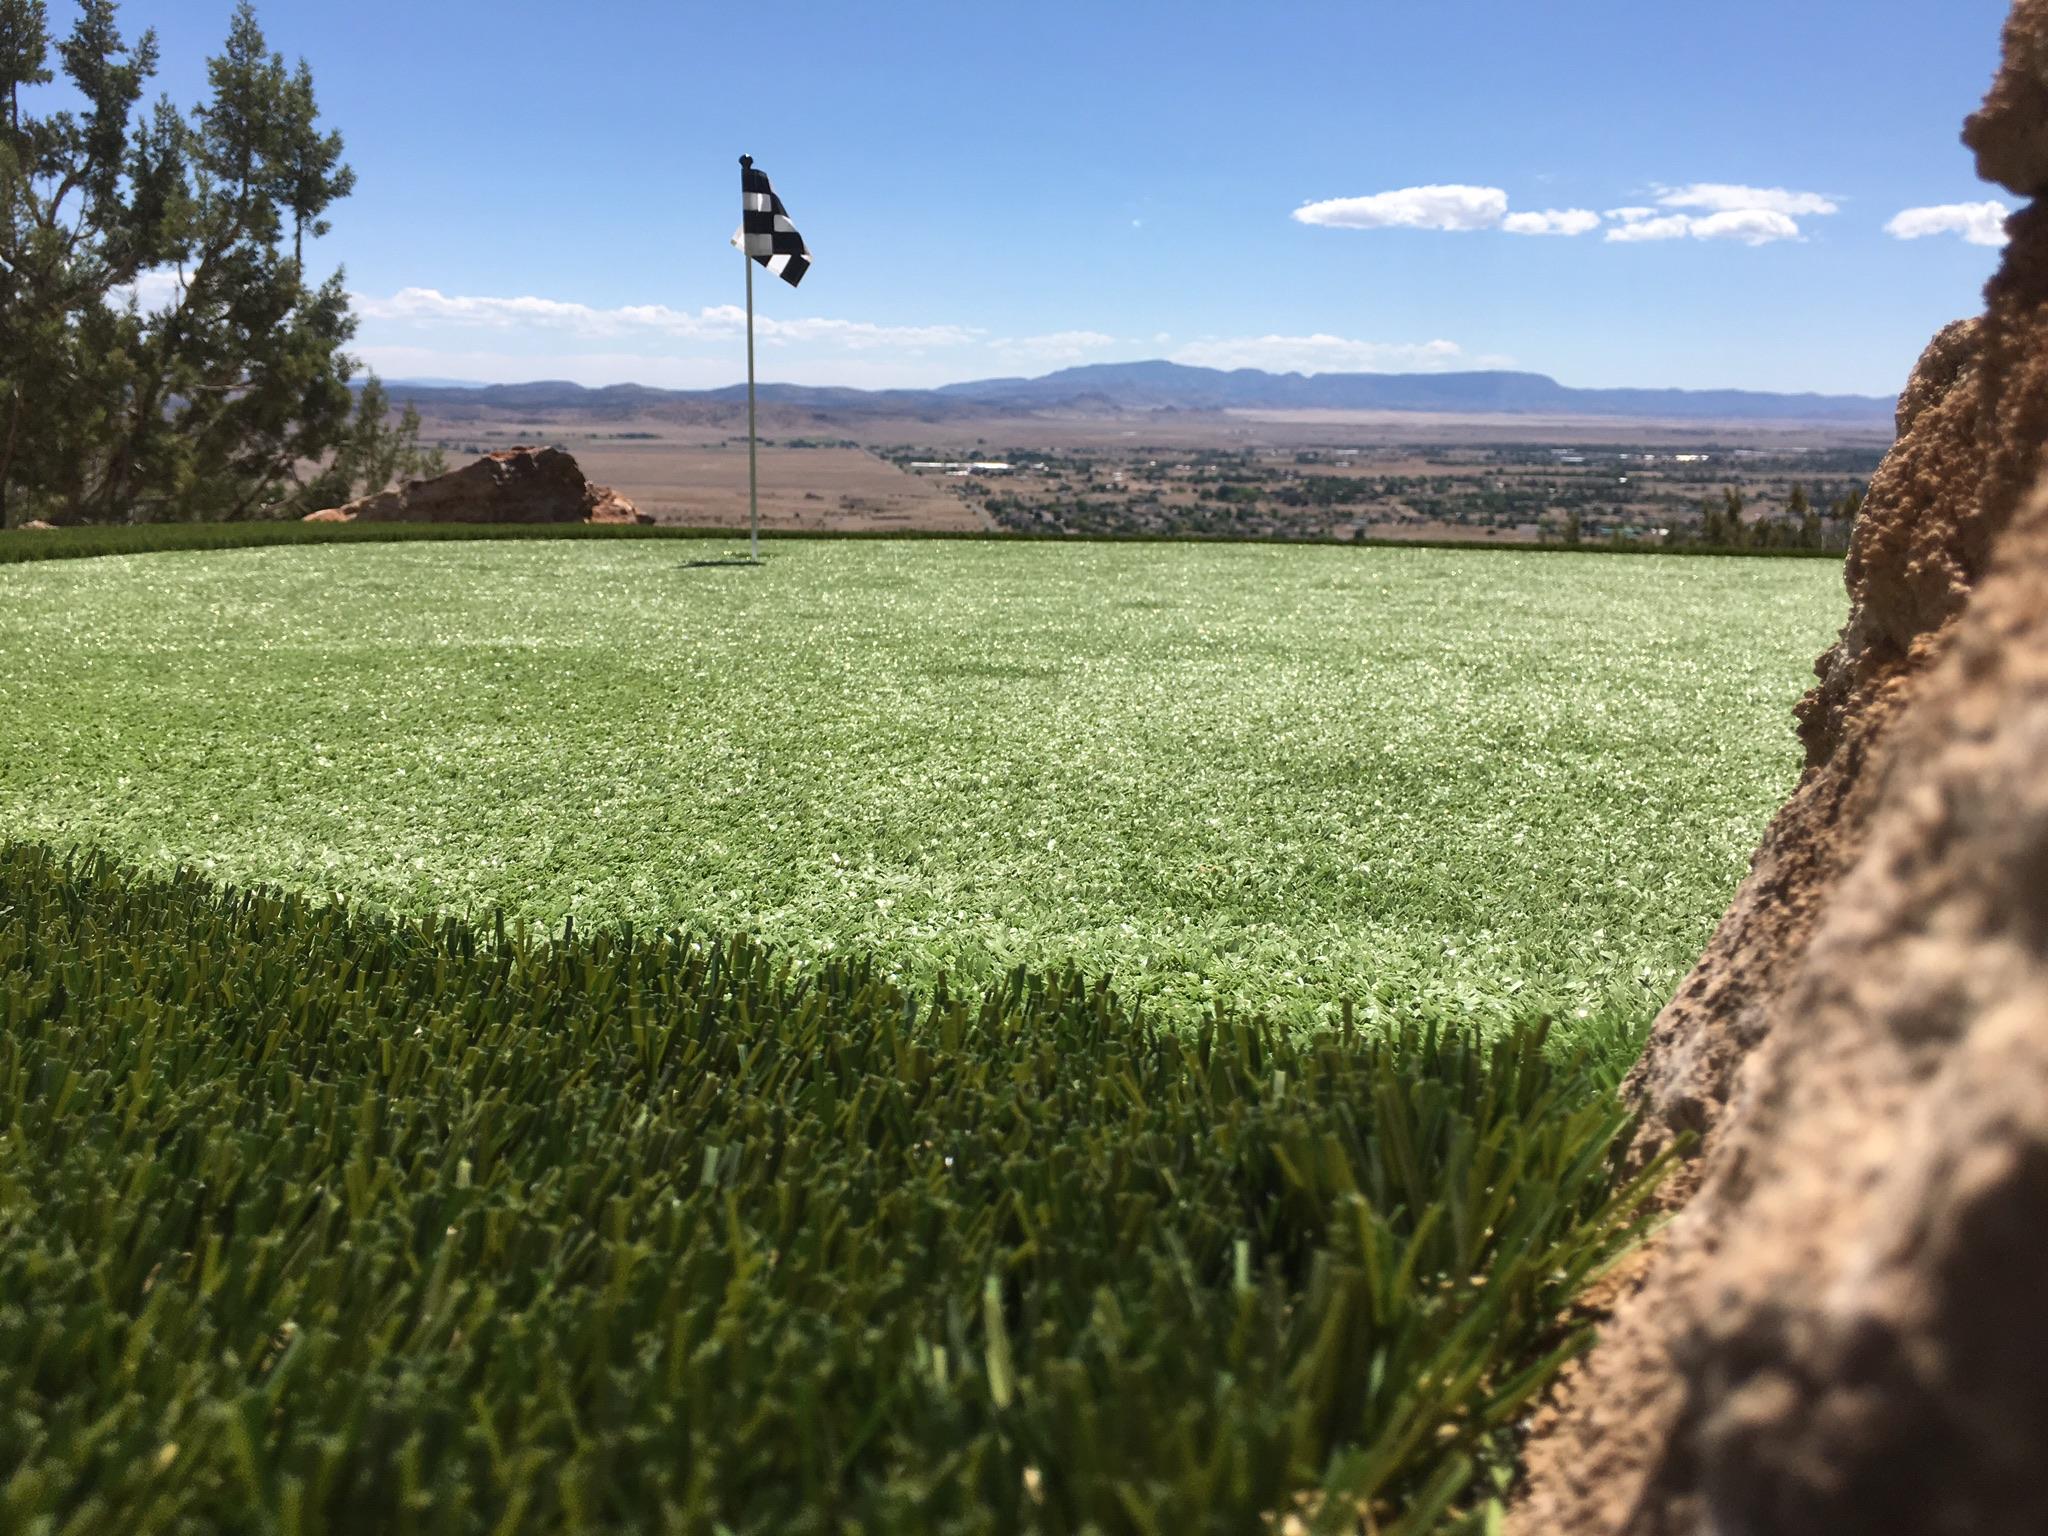 Hilltop Putting Green